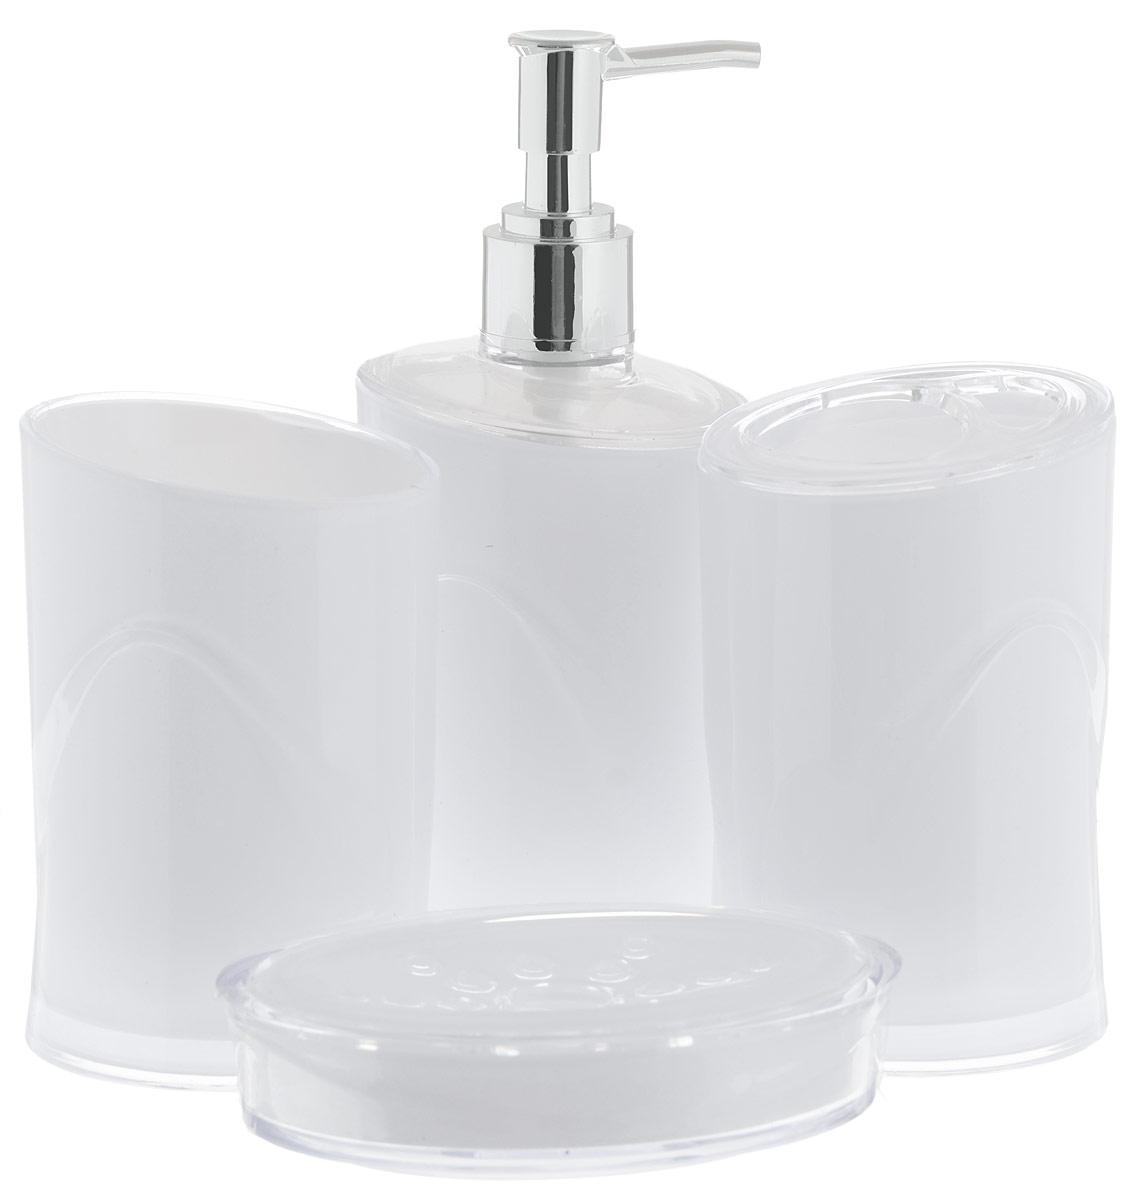 Набор для ванной комнаты Indecor, цвет: белый, 4 предметаIND053wНабор для ванной комнаты Indecor состоит из стакана, стакана для зубных щеток, дозатора для жидкого мыла и мыльницы. Стаканы, дозатор и мыльница изготовлены из высококачественного пластика. Аксессуары, входящие в набор Indecor, выполняют не только практическую, но и декоративную функцию. Они способны внести в помещение изысканность, сделать пребывание в нем приятным и даже незабываемым. Размер стаканов: 7 х 7 х 11 см. Объем стаканов: 300 мл. Размер дозатора: 7 х 7 х 17,5 см. Объем дозатора: 300 мл. Размер мыльницы: 11,5 х 9 х 3 см.